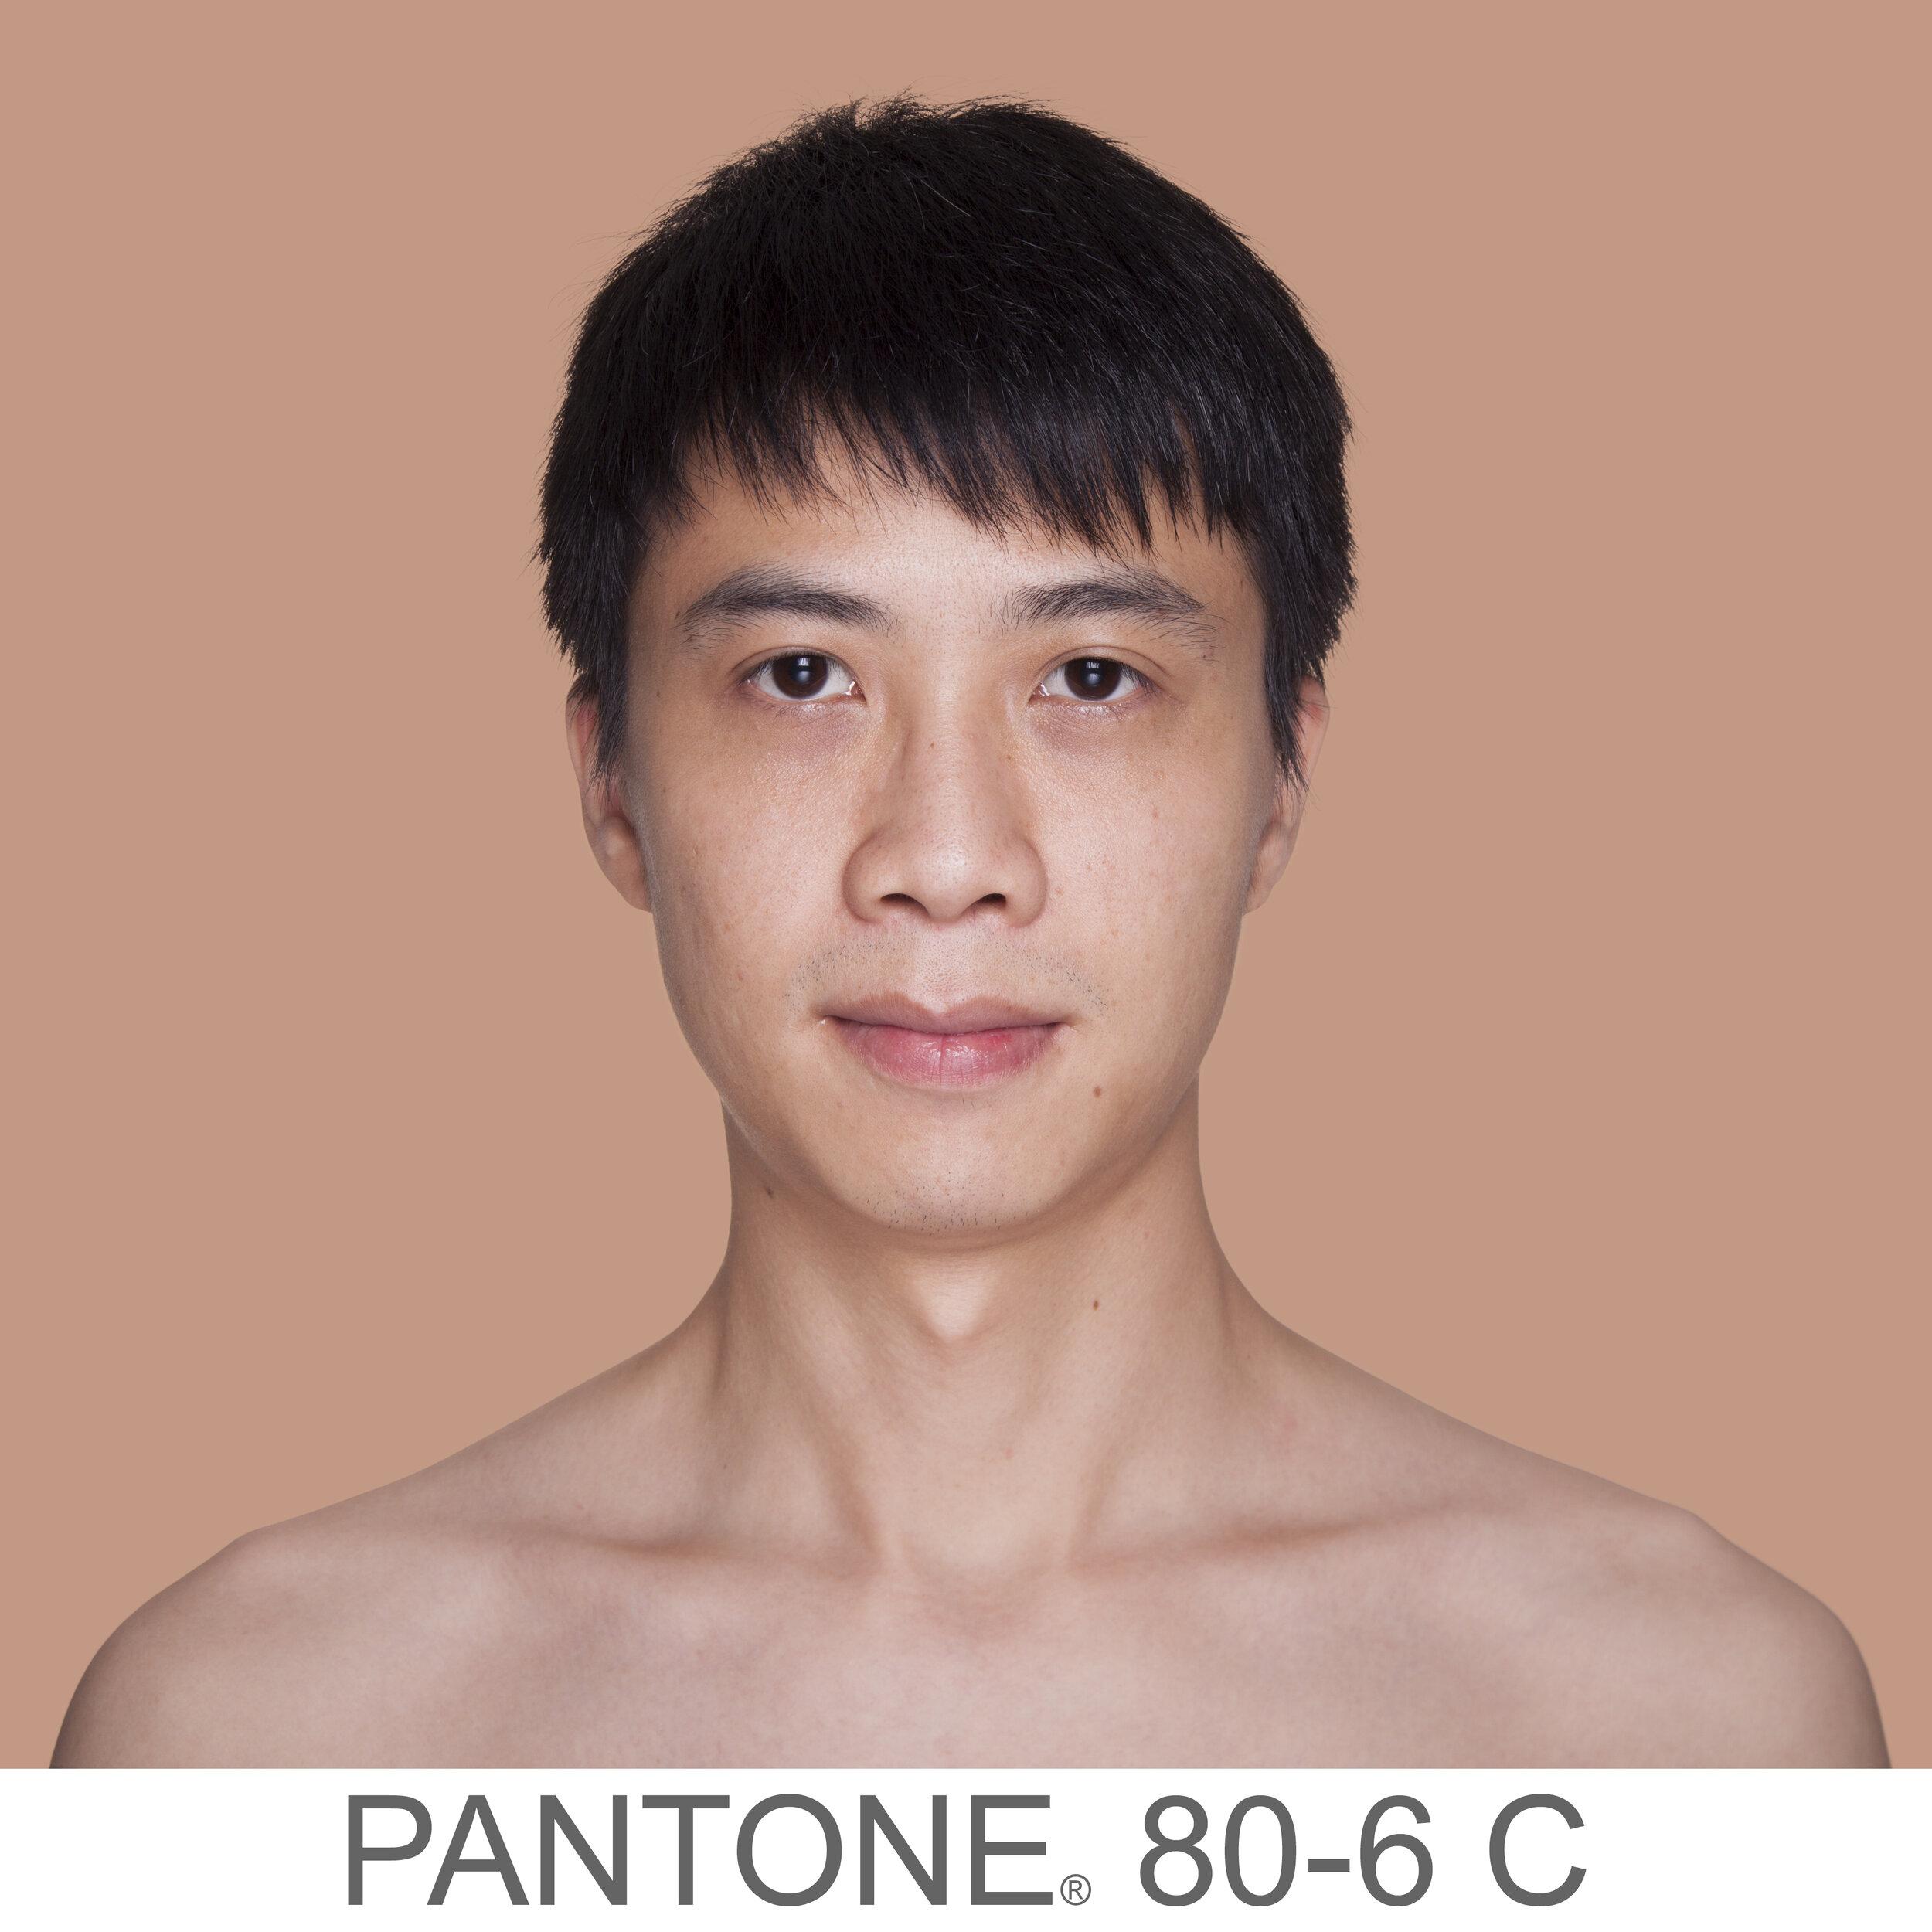 humanae 80-6 C2 CN copia.jpg